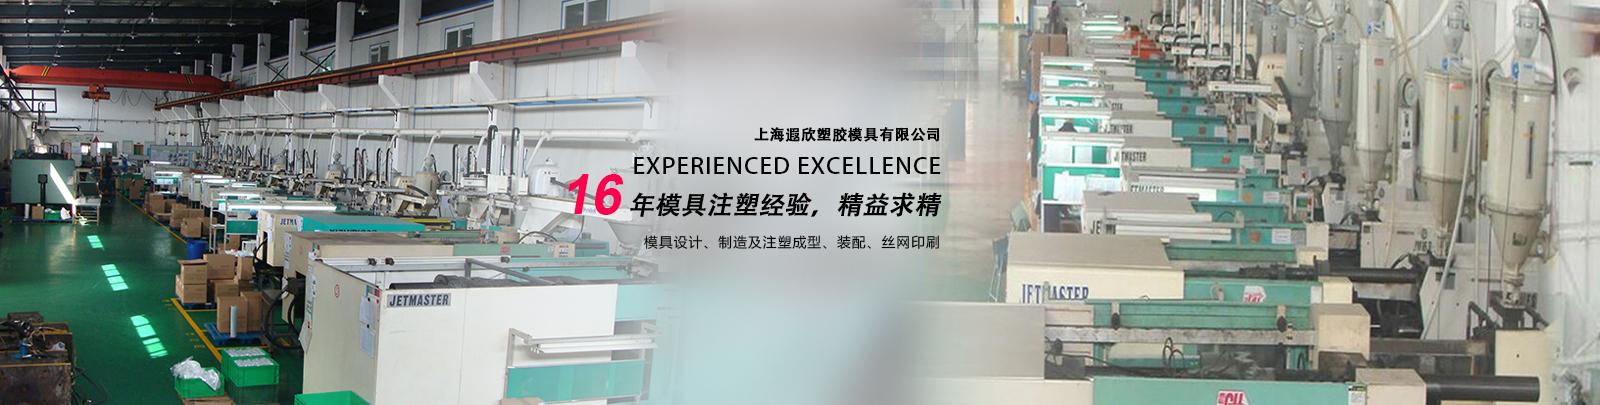 上海塑料加工